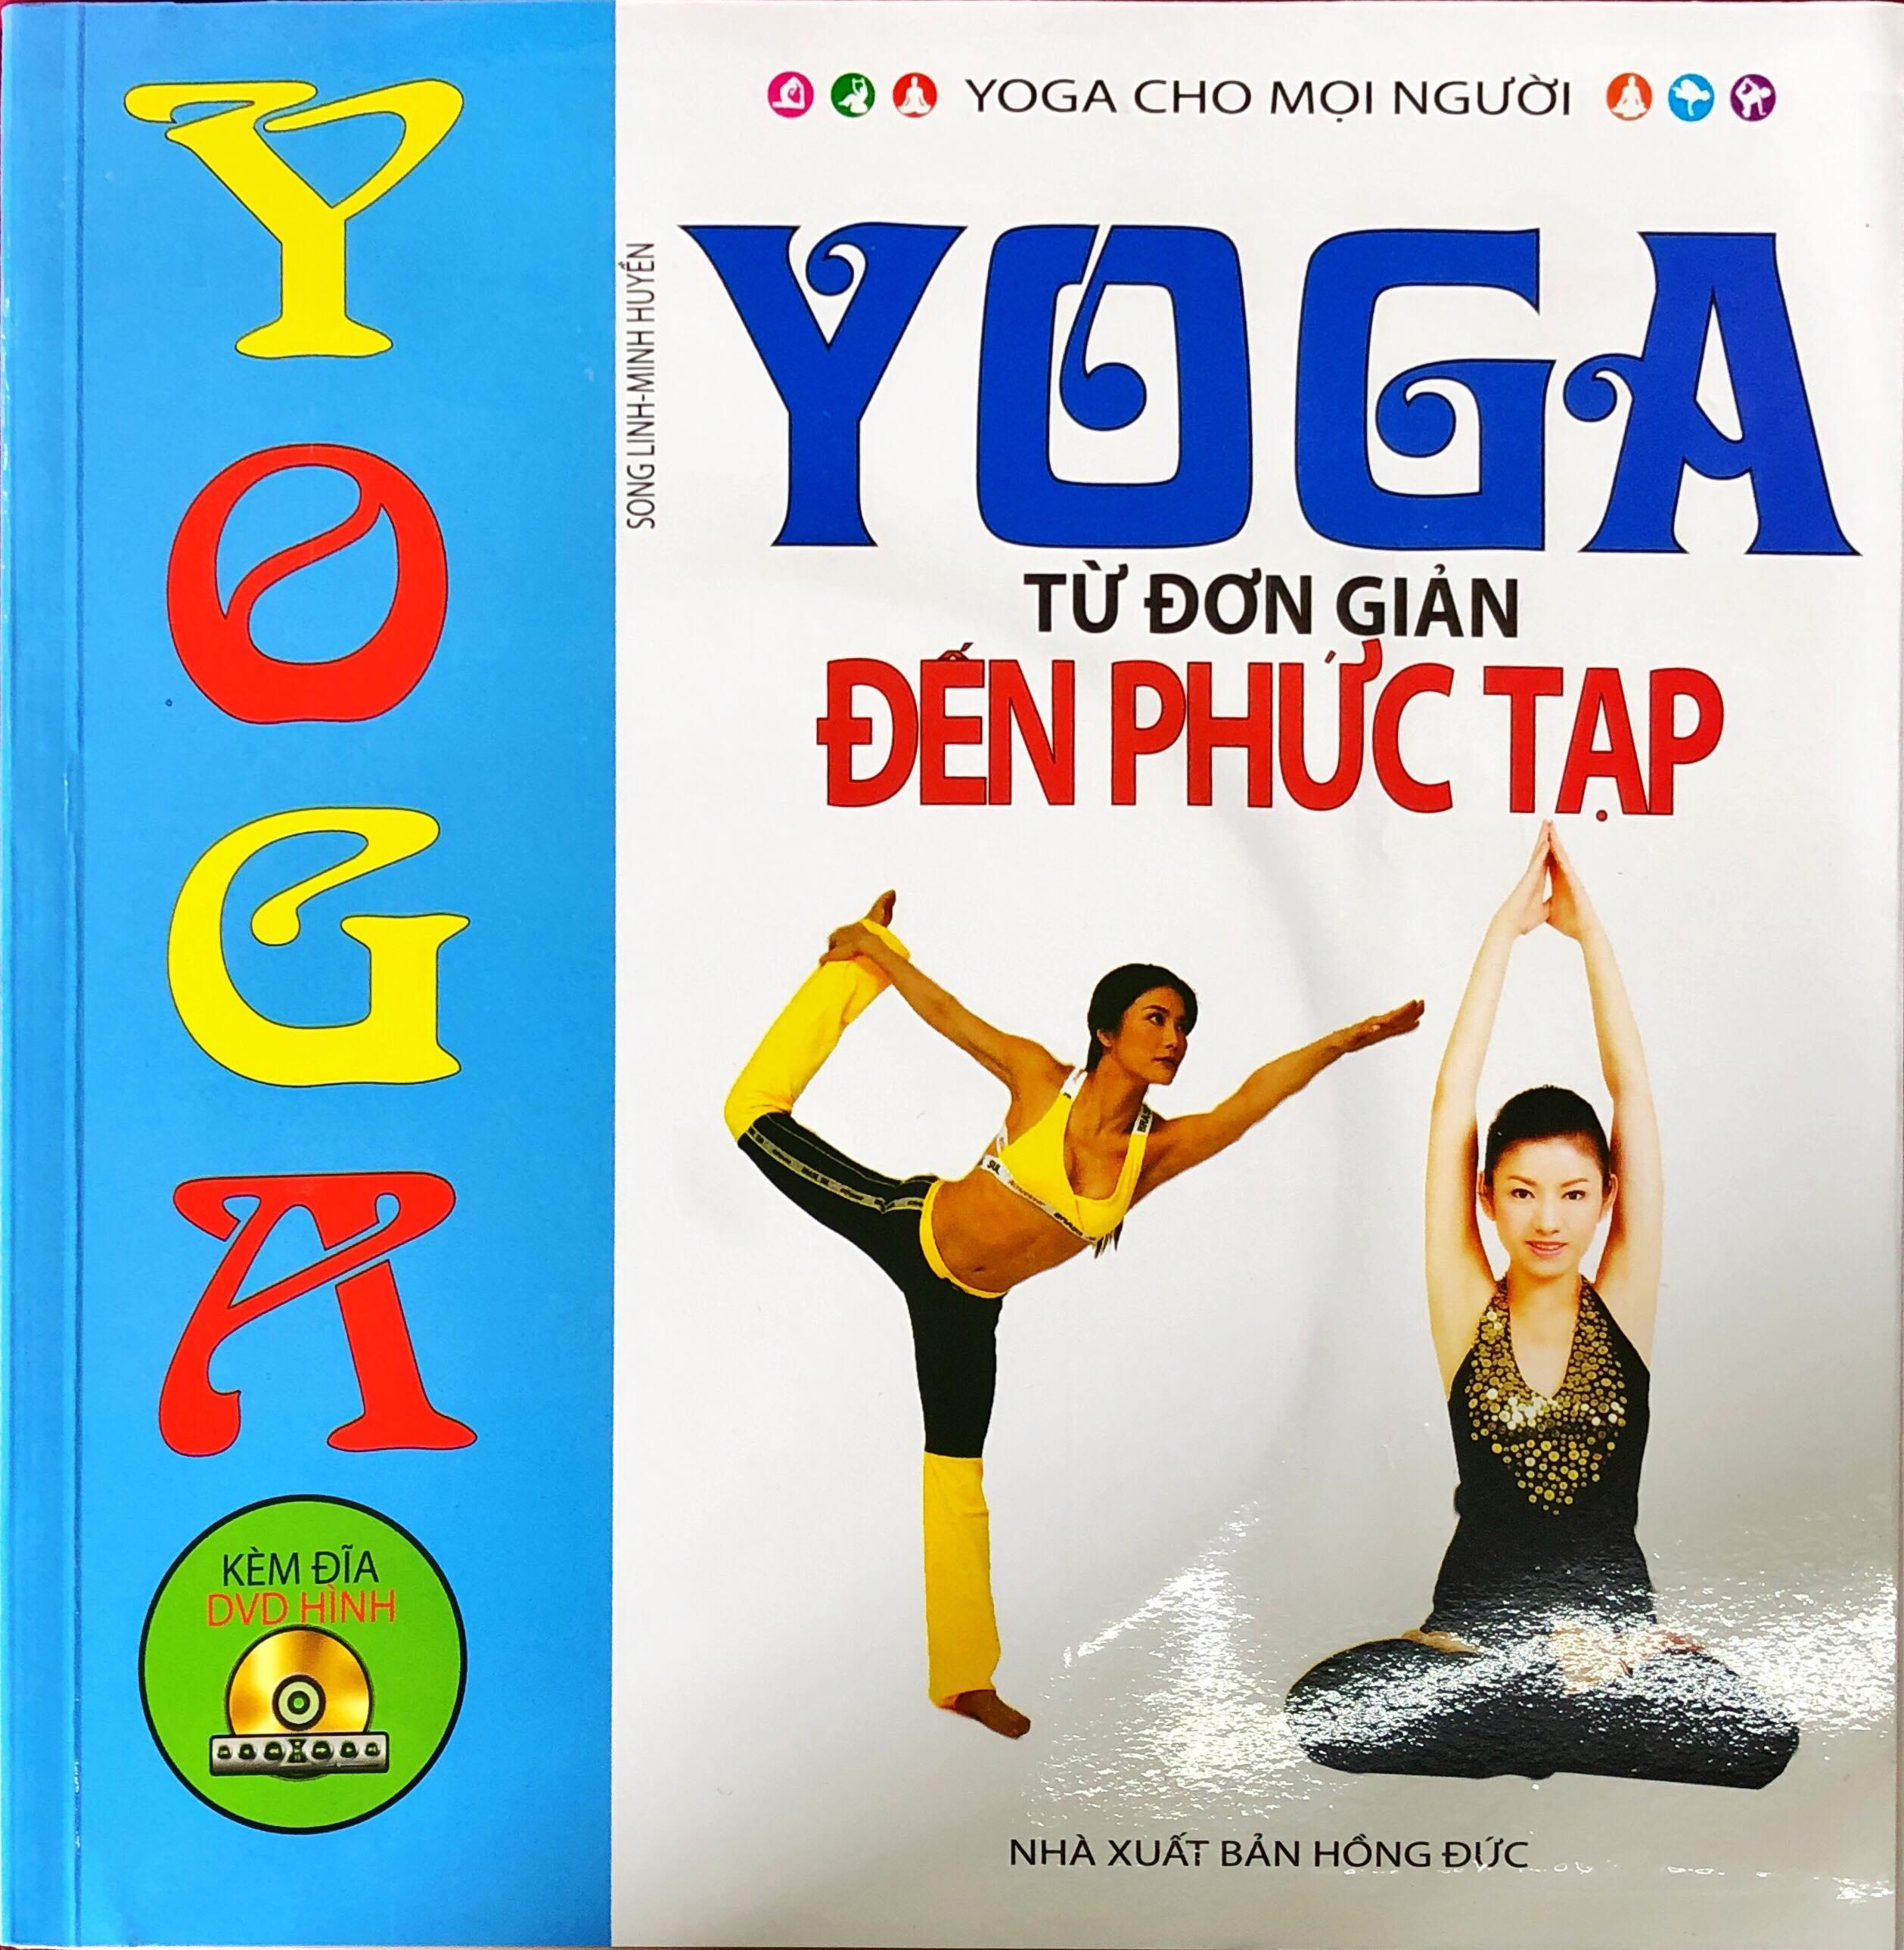 Mua SÁCH - Yoga Cho Mọi Người - Yoga Từ Đơn Giản Đến Phức Tạp (TẶNG KÈM ĐĨA DVD)